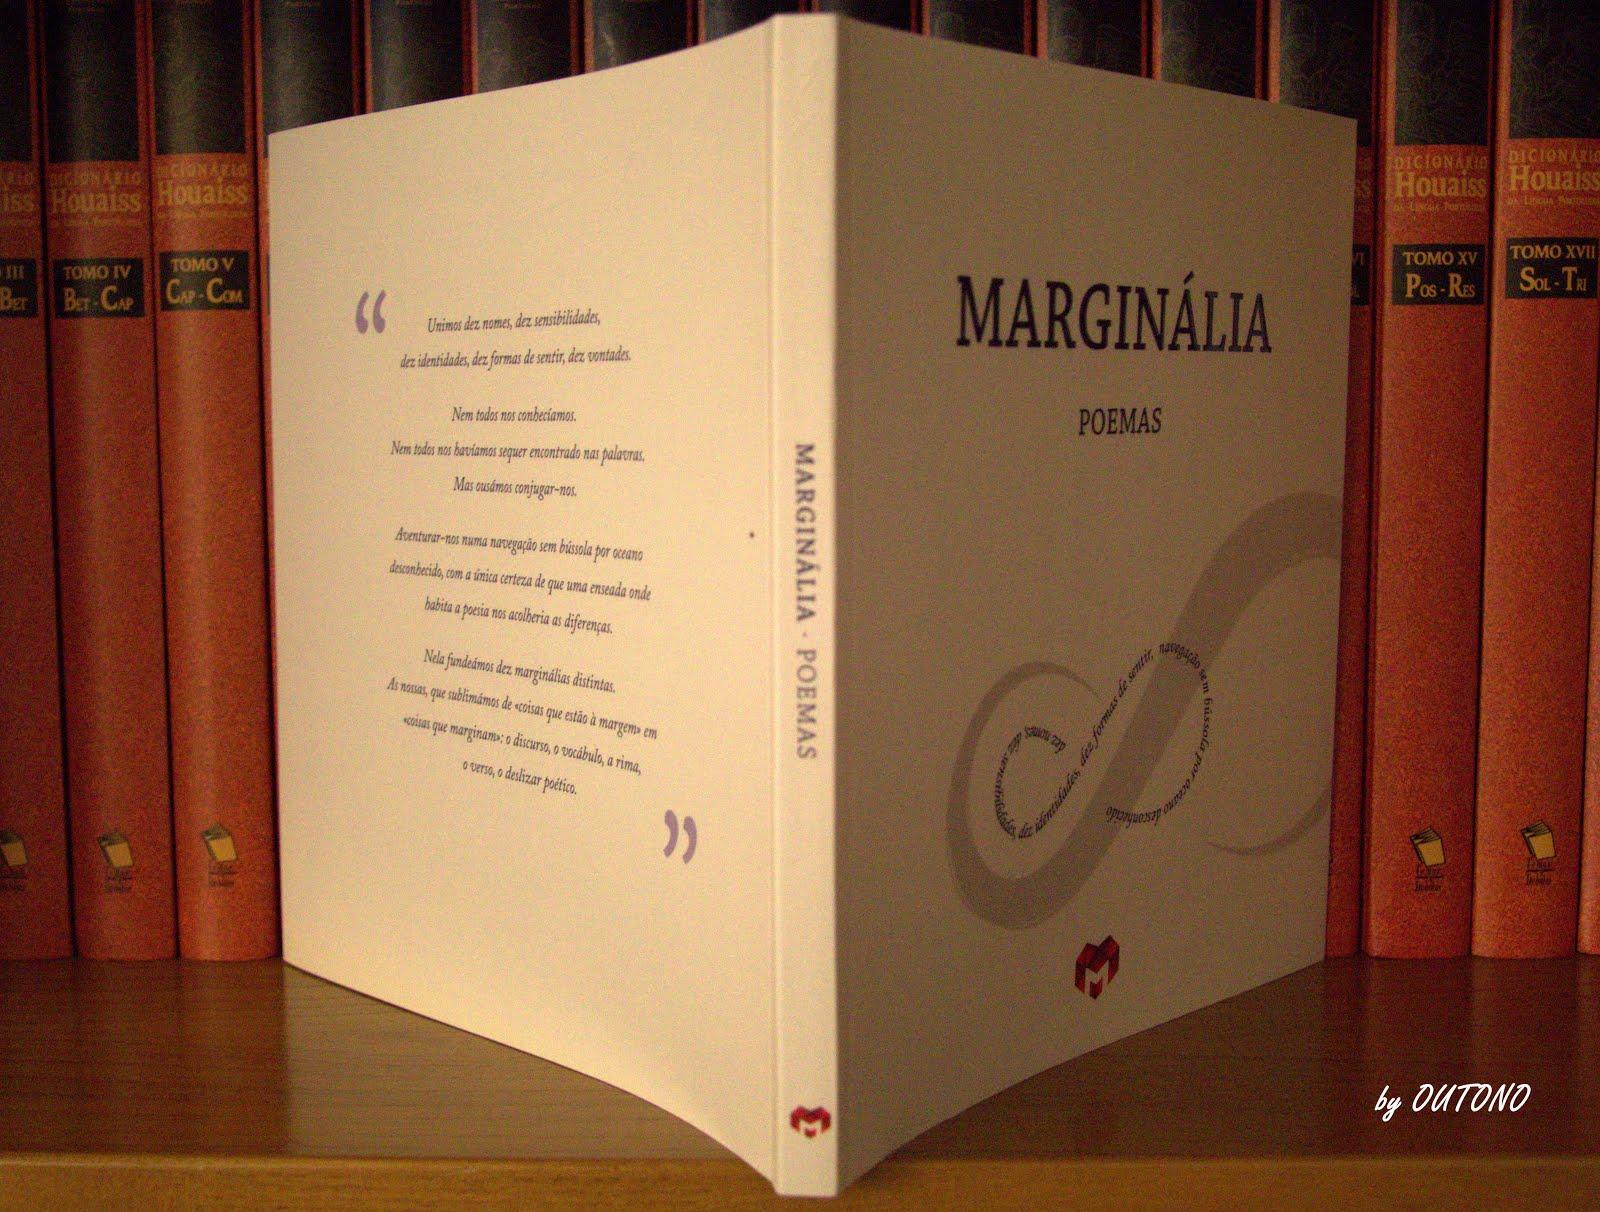 Novo Livro - MARGINÁLIA